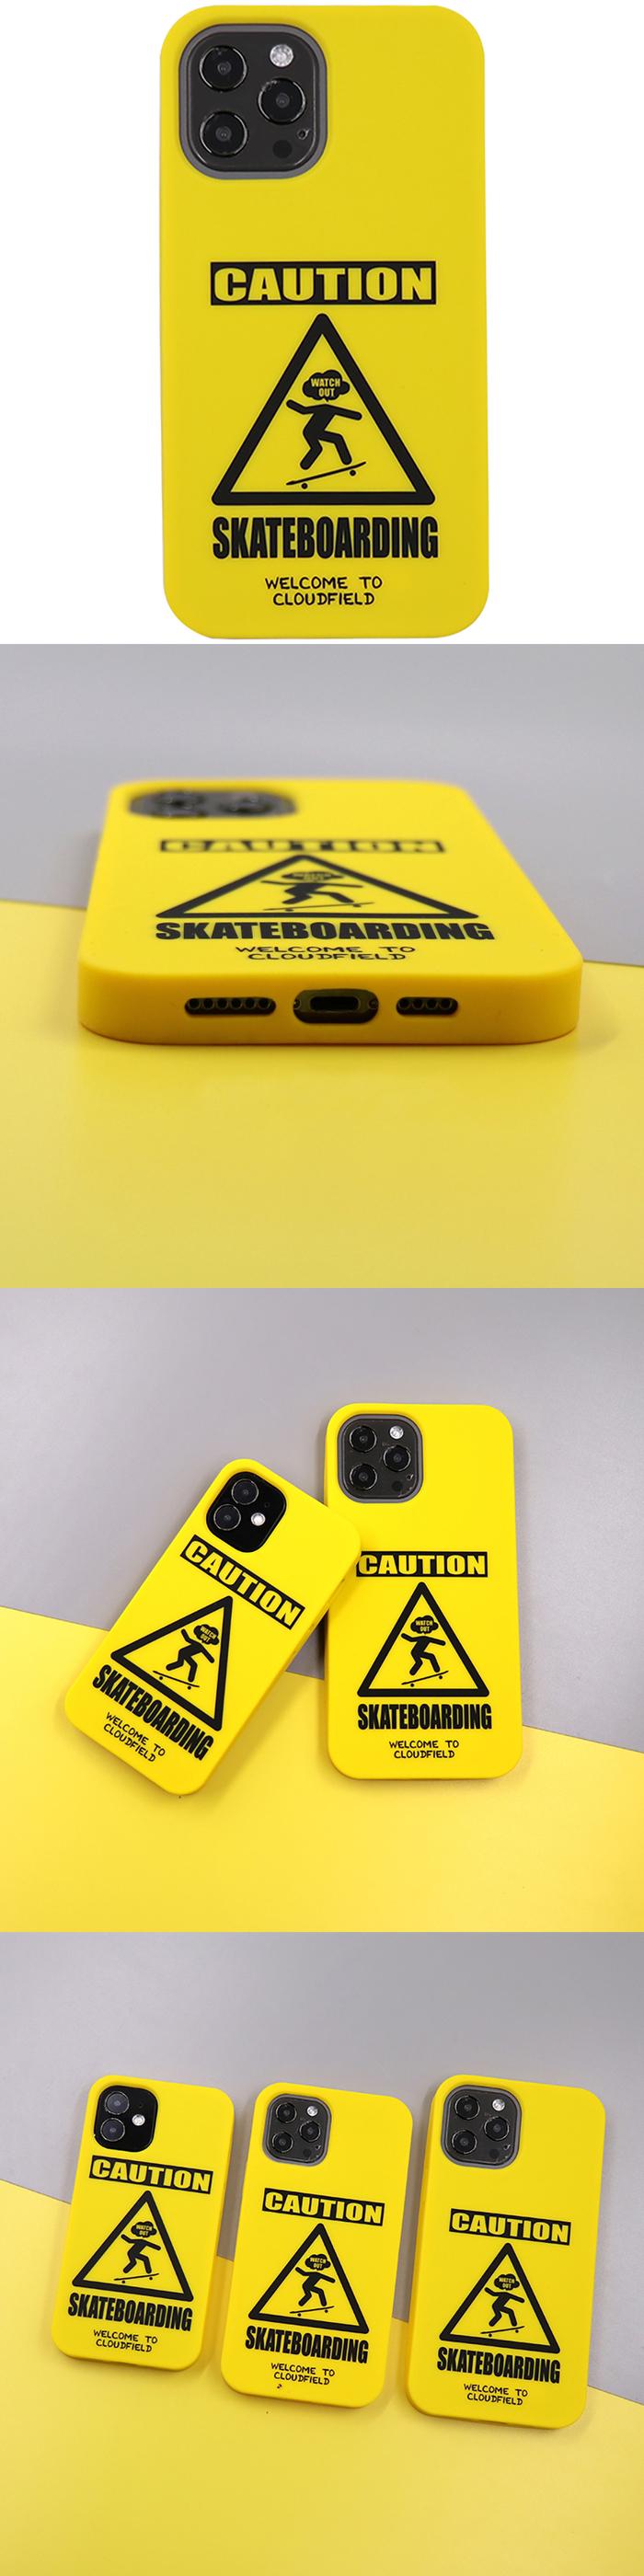 (複製)Candies Candies x Cloudfield聯名款 當心滑板(黃) - iPhone 12 Pro Max